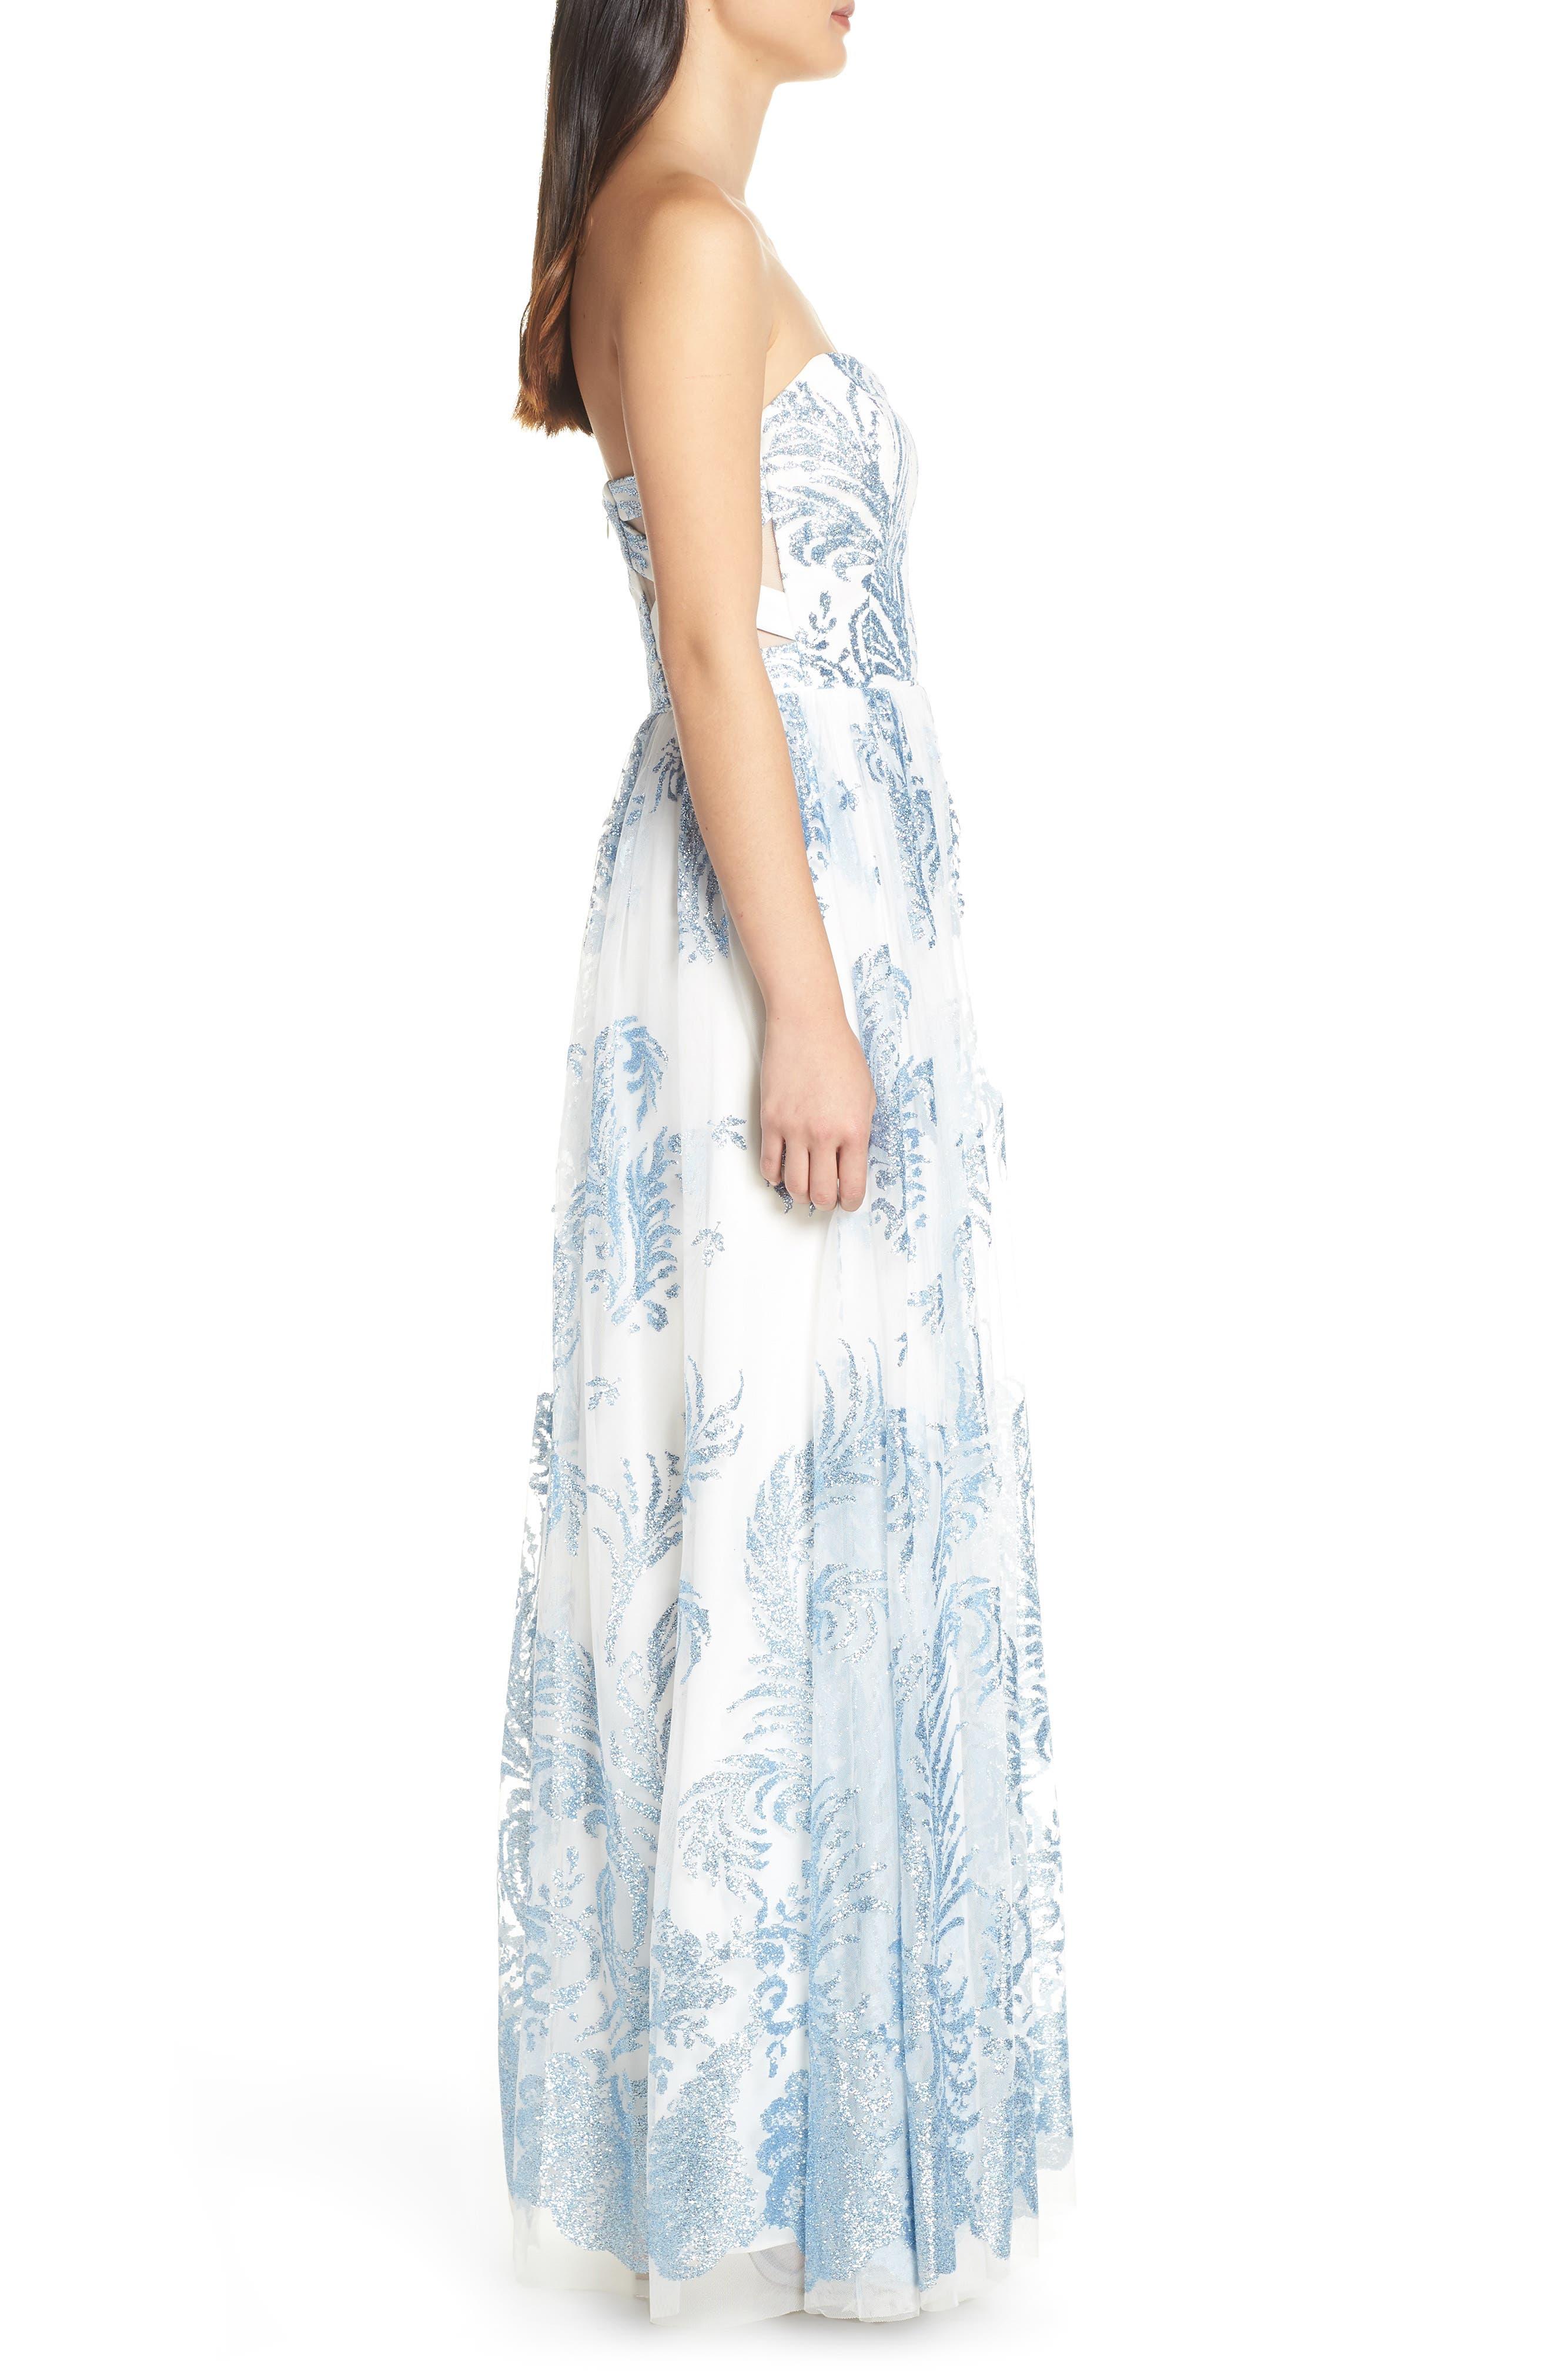 Strapless Glitter Mesh Evening Dress,                             Alternate thumbnail 3, color,                             IVORY/ BLUE